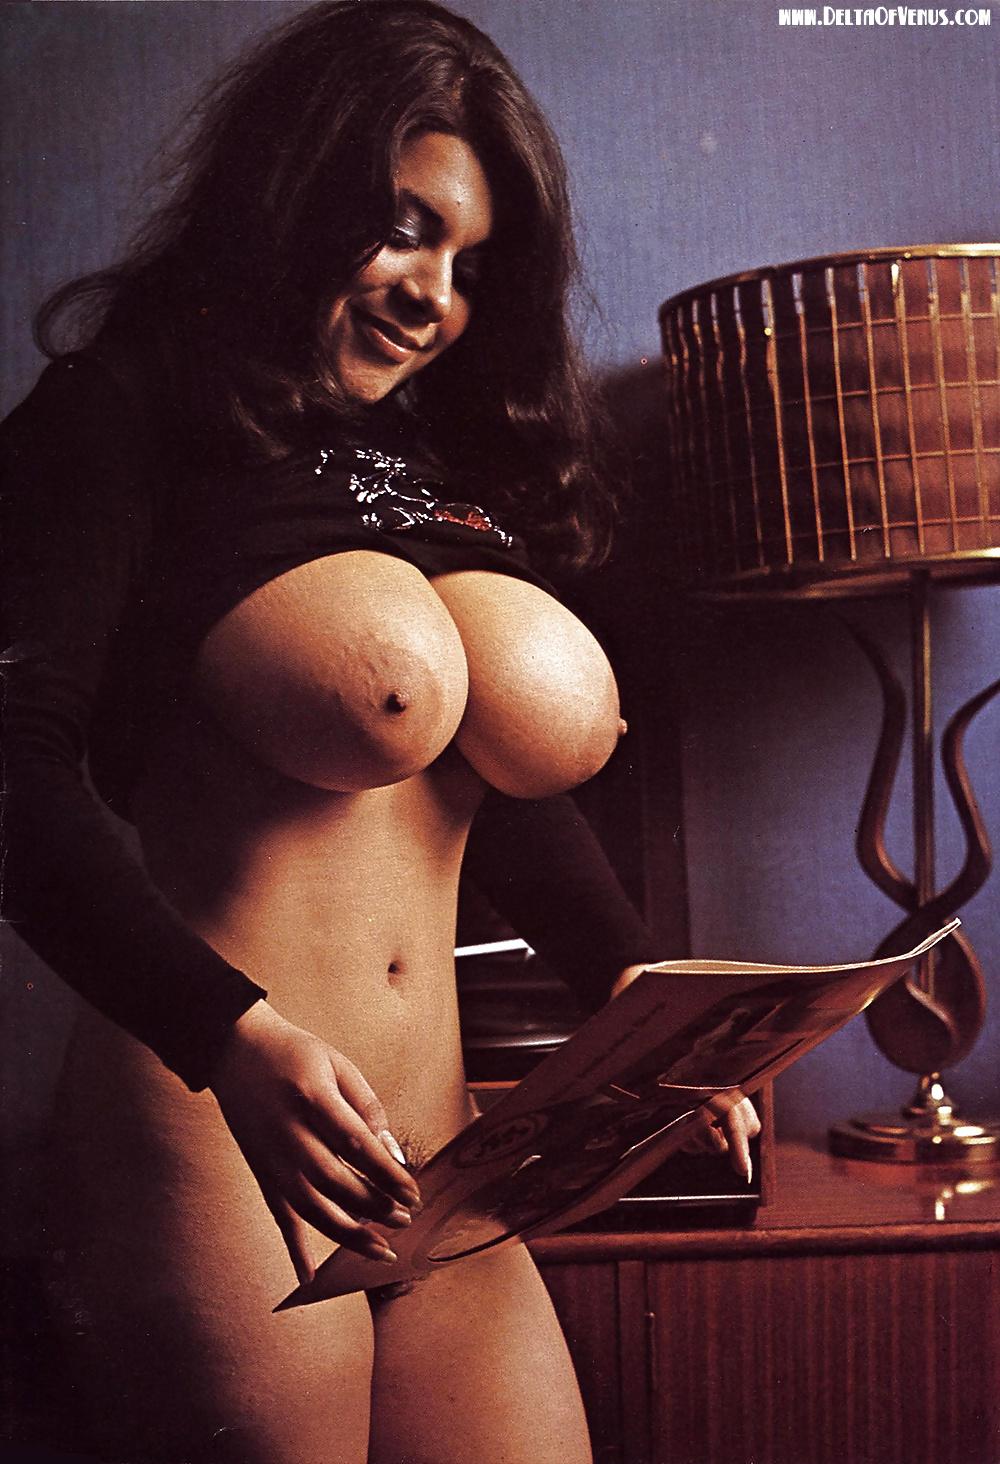 galleries Vintage nude